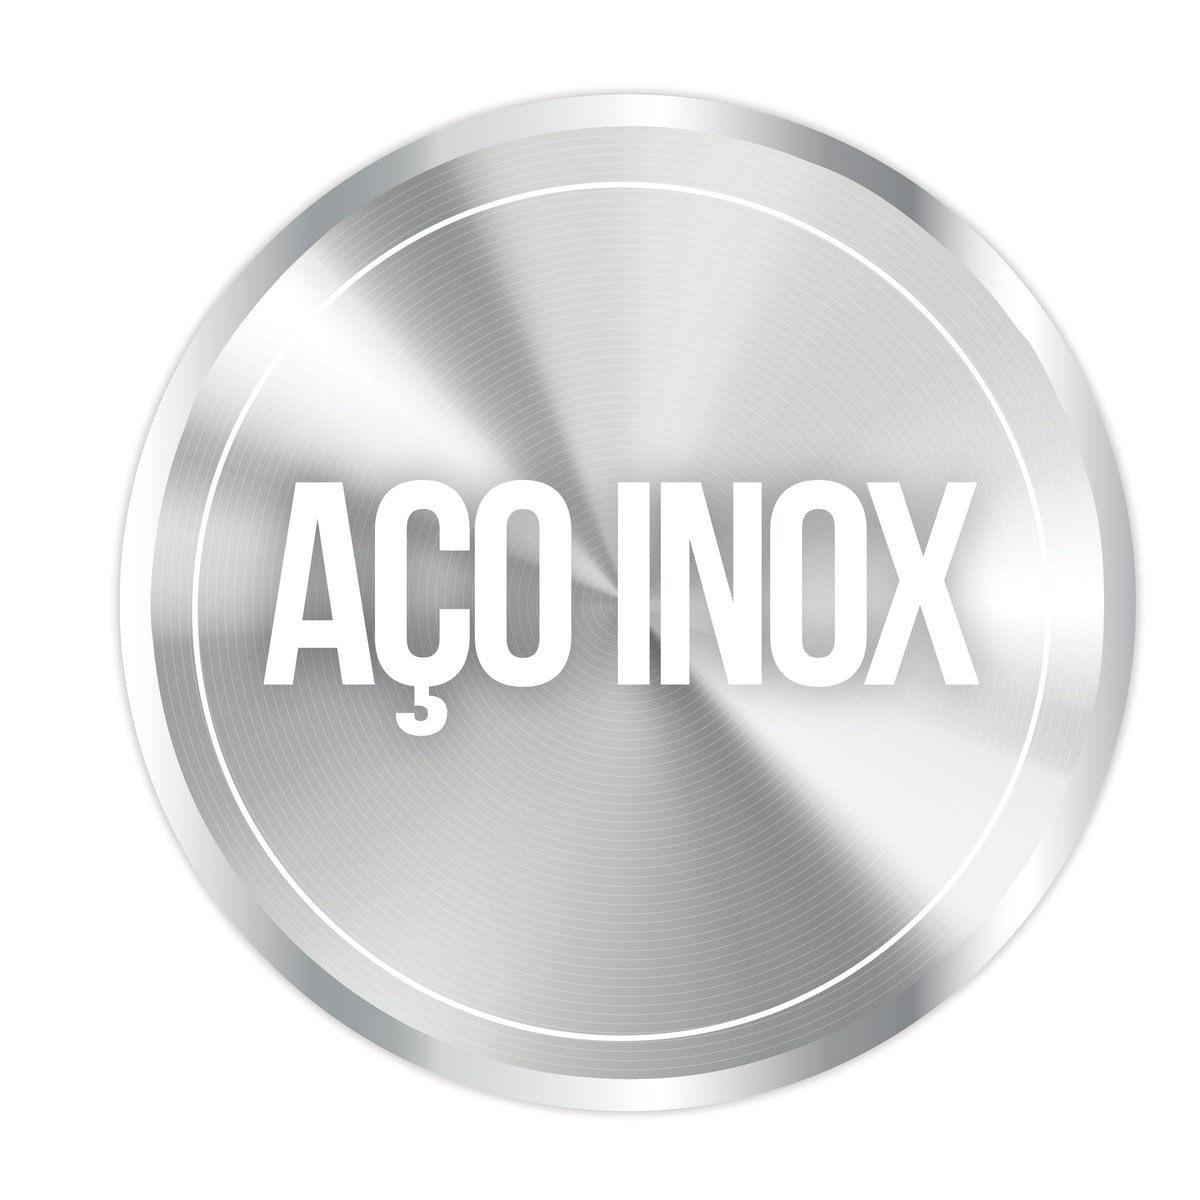 Misturador Monocomando Tramontina Angolare em Aço Inox Scotch Brite e Bica Articulada